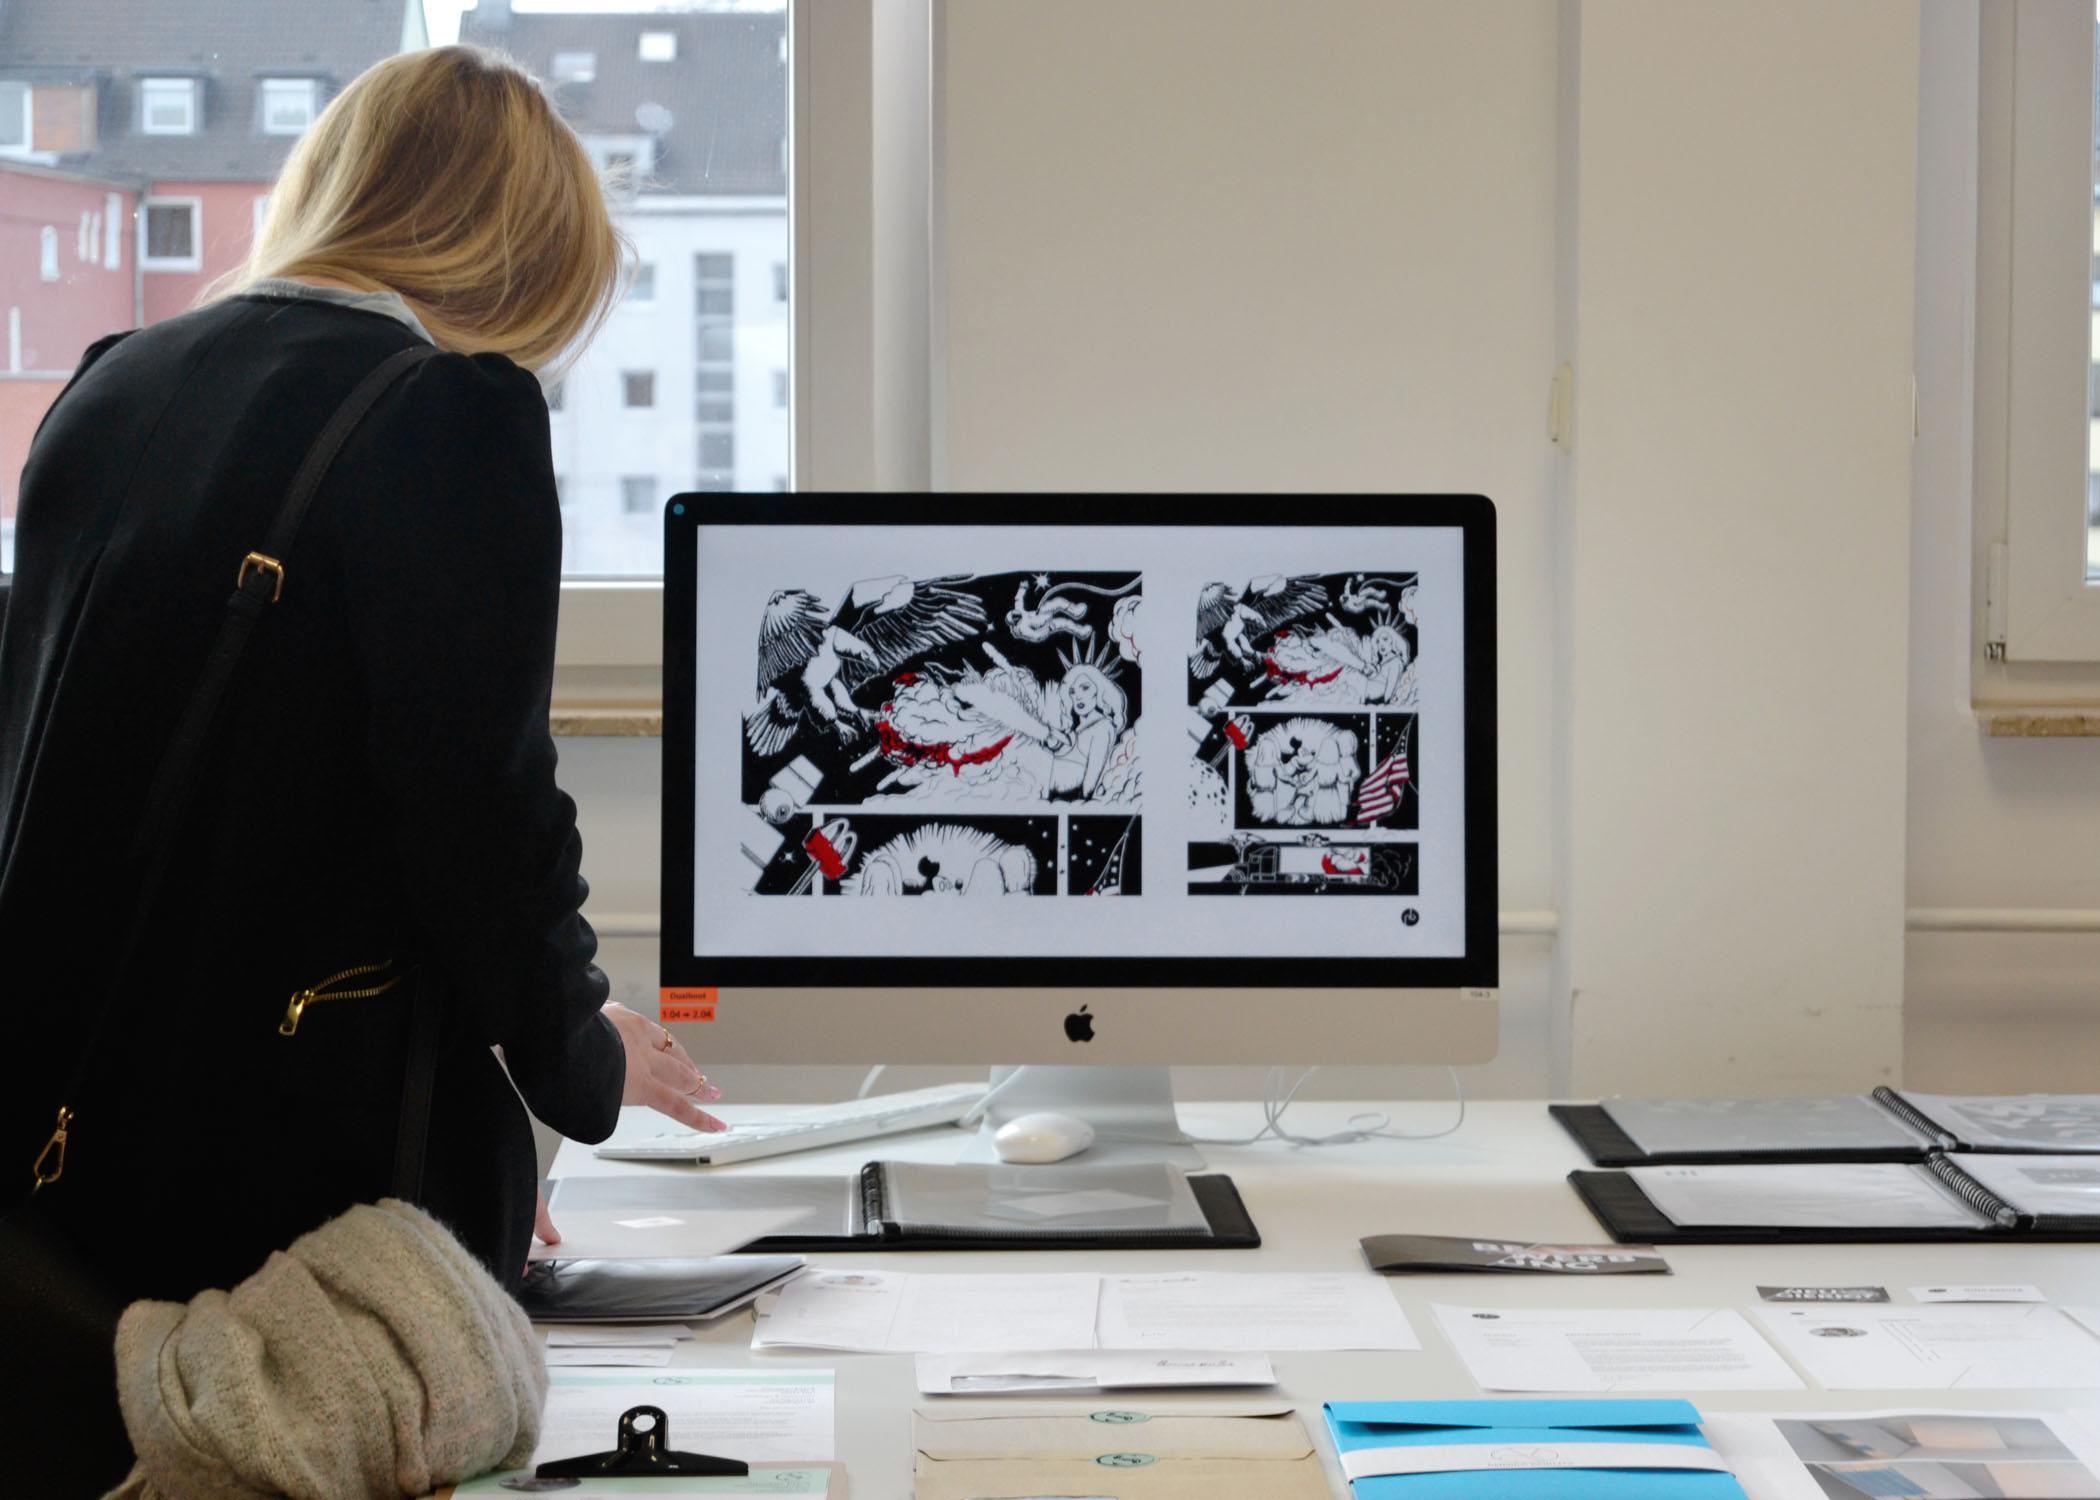 Wie umfassend ein ganzheitliches Designkonzept ist, zeigte unter anderem diese umfassende Präsentation und Dokumentation.